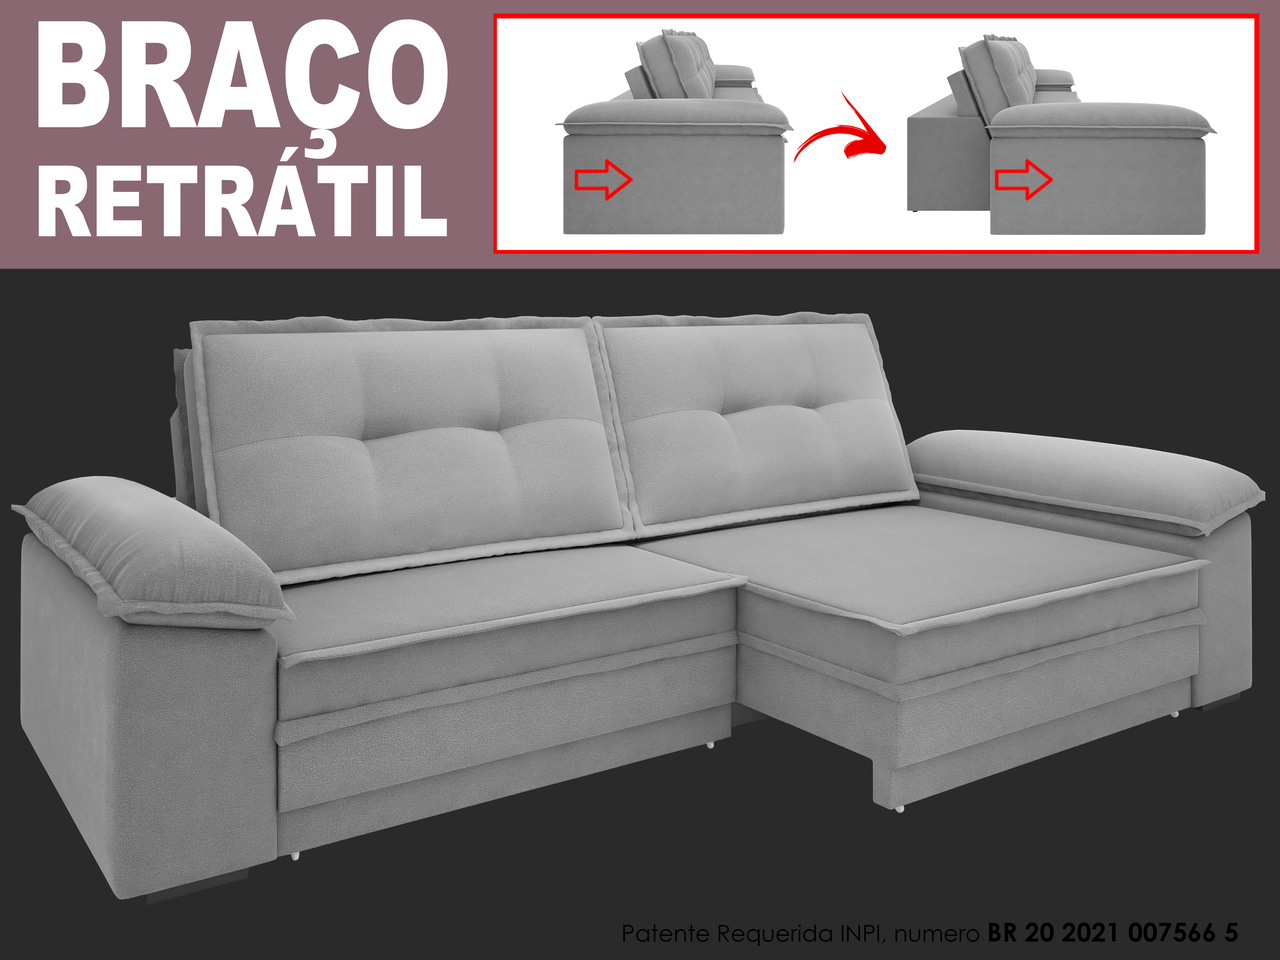 Sofá Luxor 2,90m Assento com Braço Retrátil e Reclinável Velosuede - NETSOFAS  - NETSOFÁS